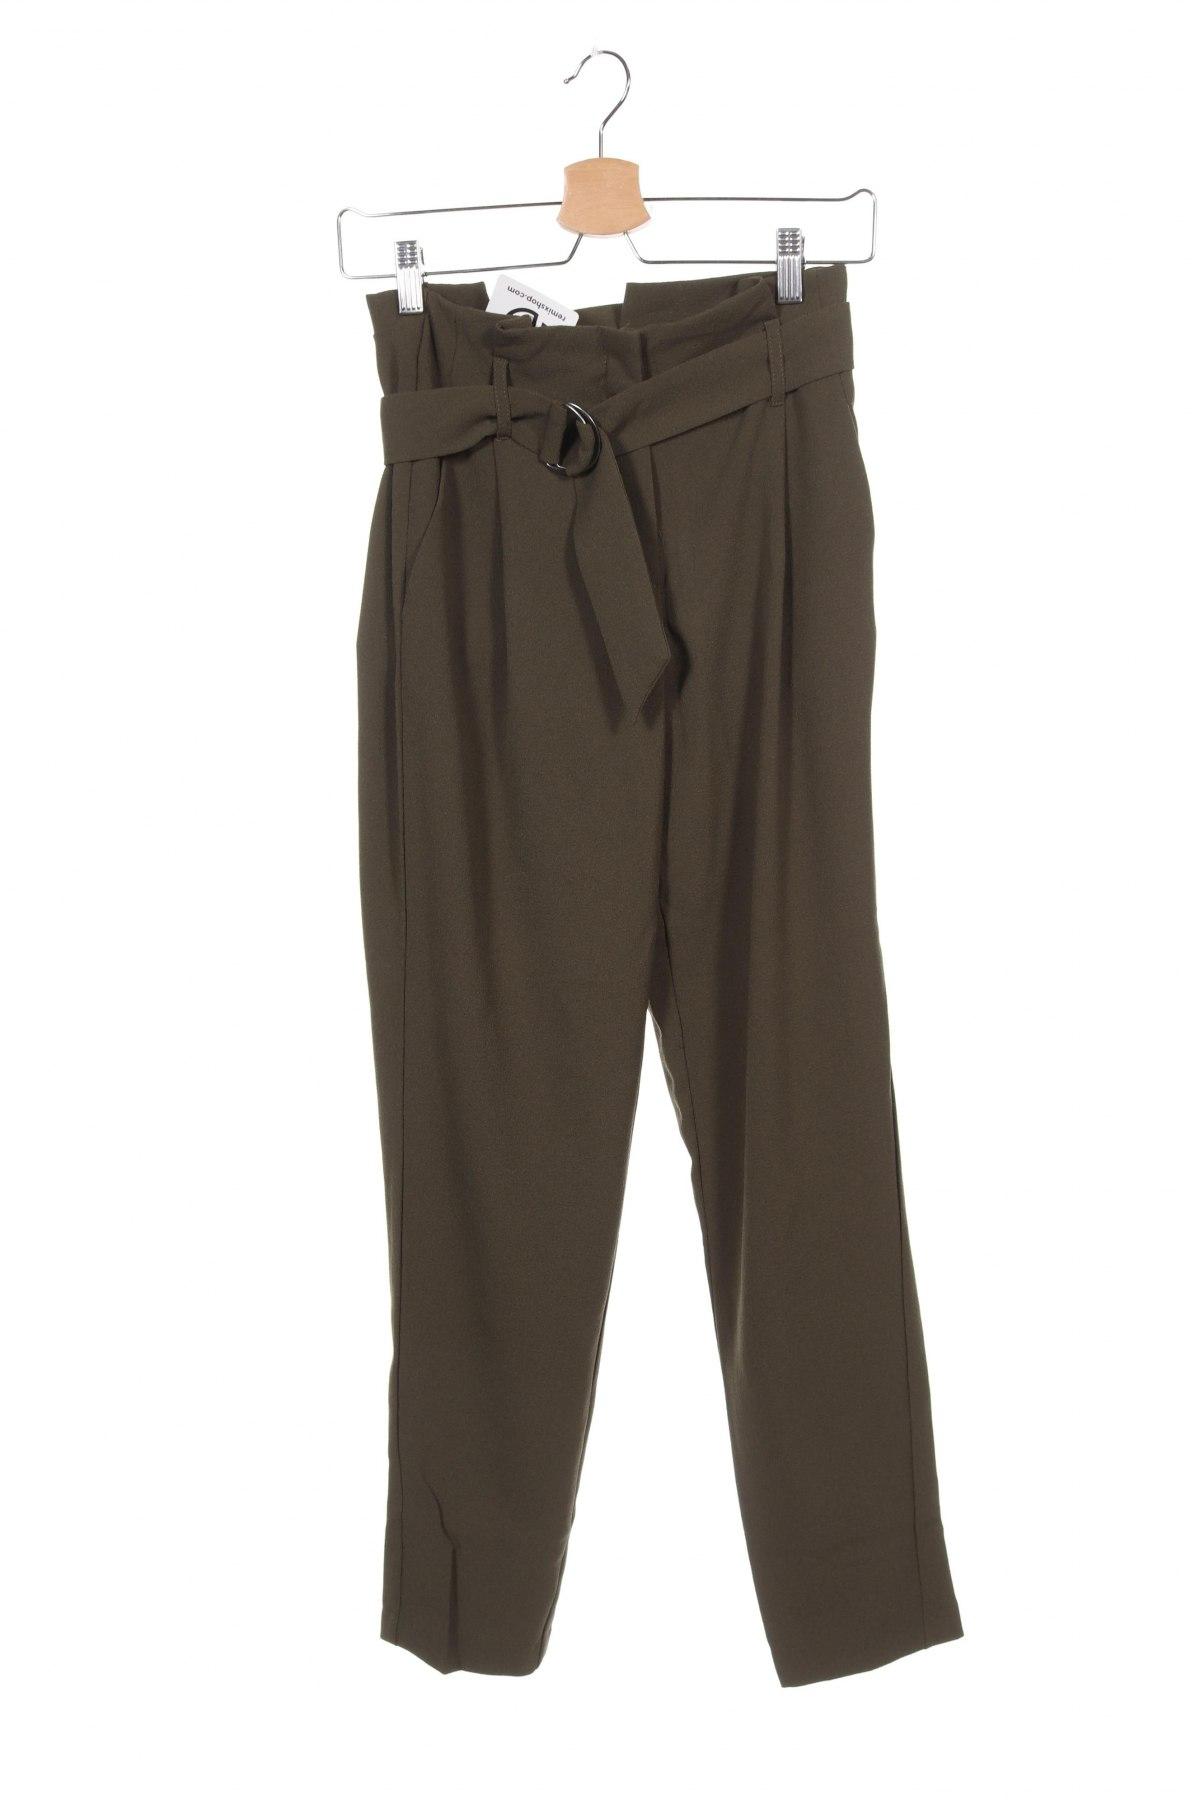 Дамски панталон ONLY, Размер XS, Цвят Зелен, 97% полиестер, 3% еластан, Цена 25,37лв.